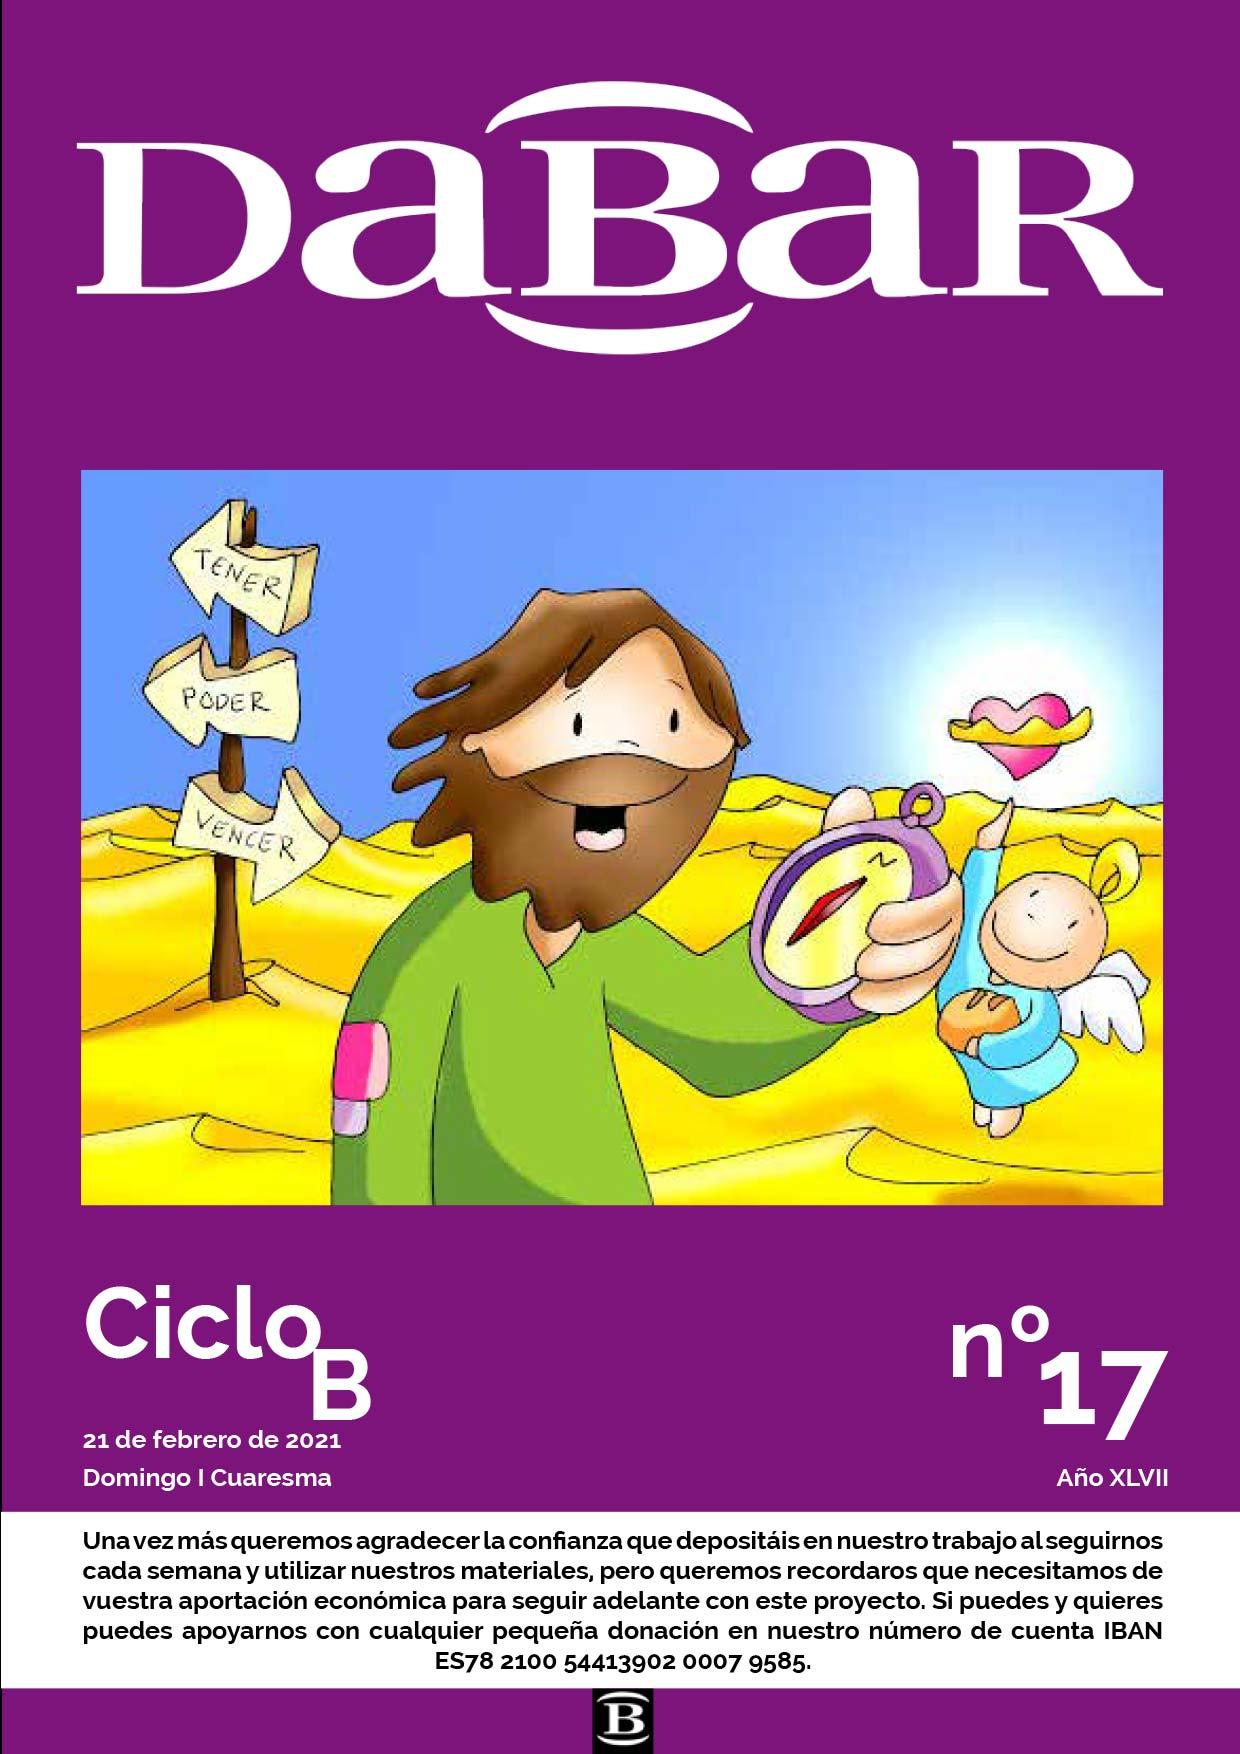 Dabar Revista número 17 ciclo B